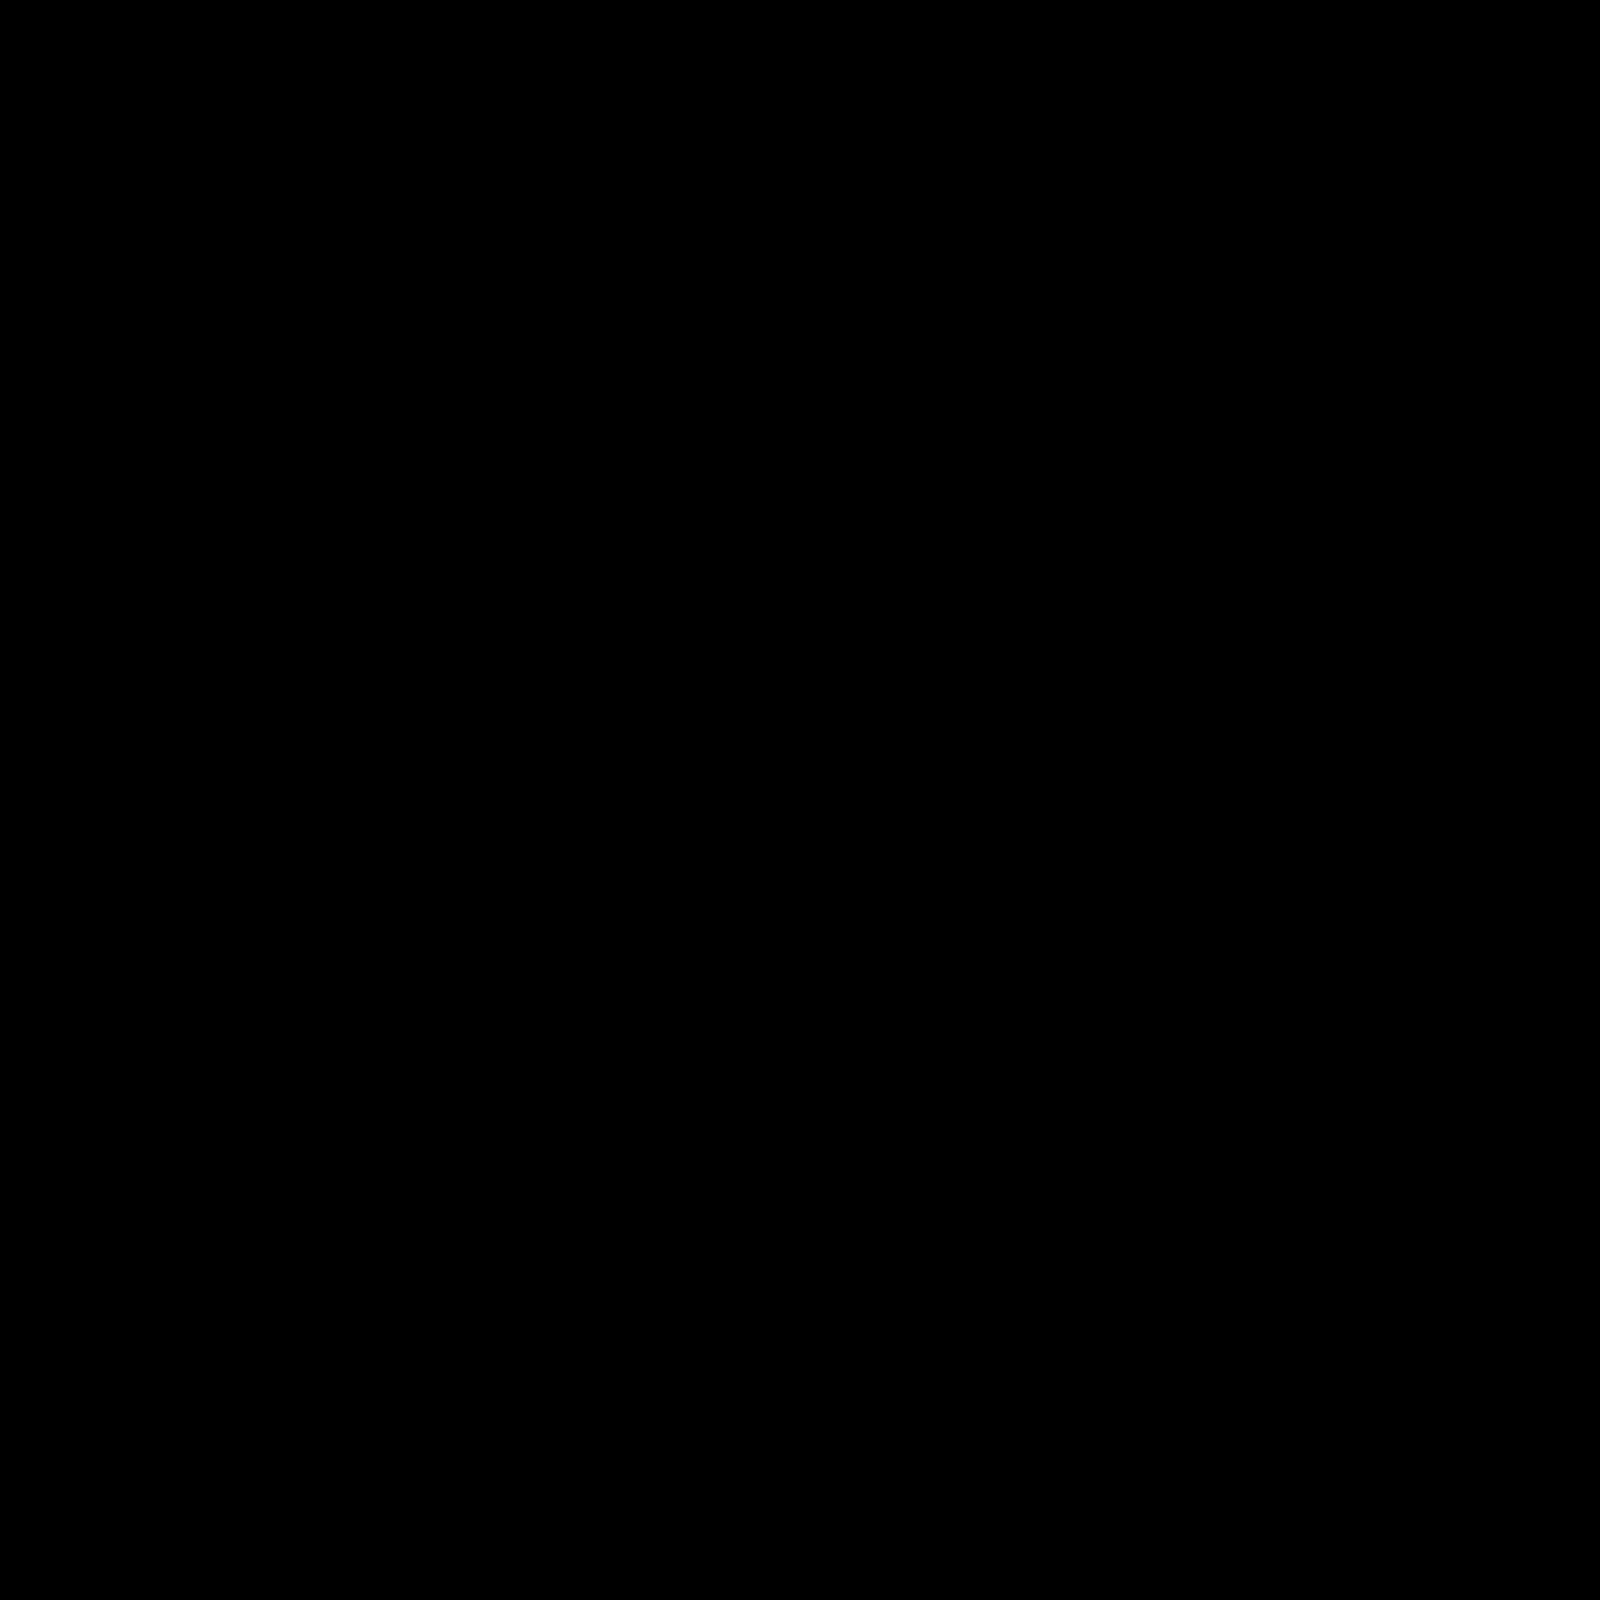 レイヤーマスク icon